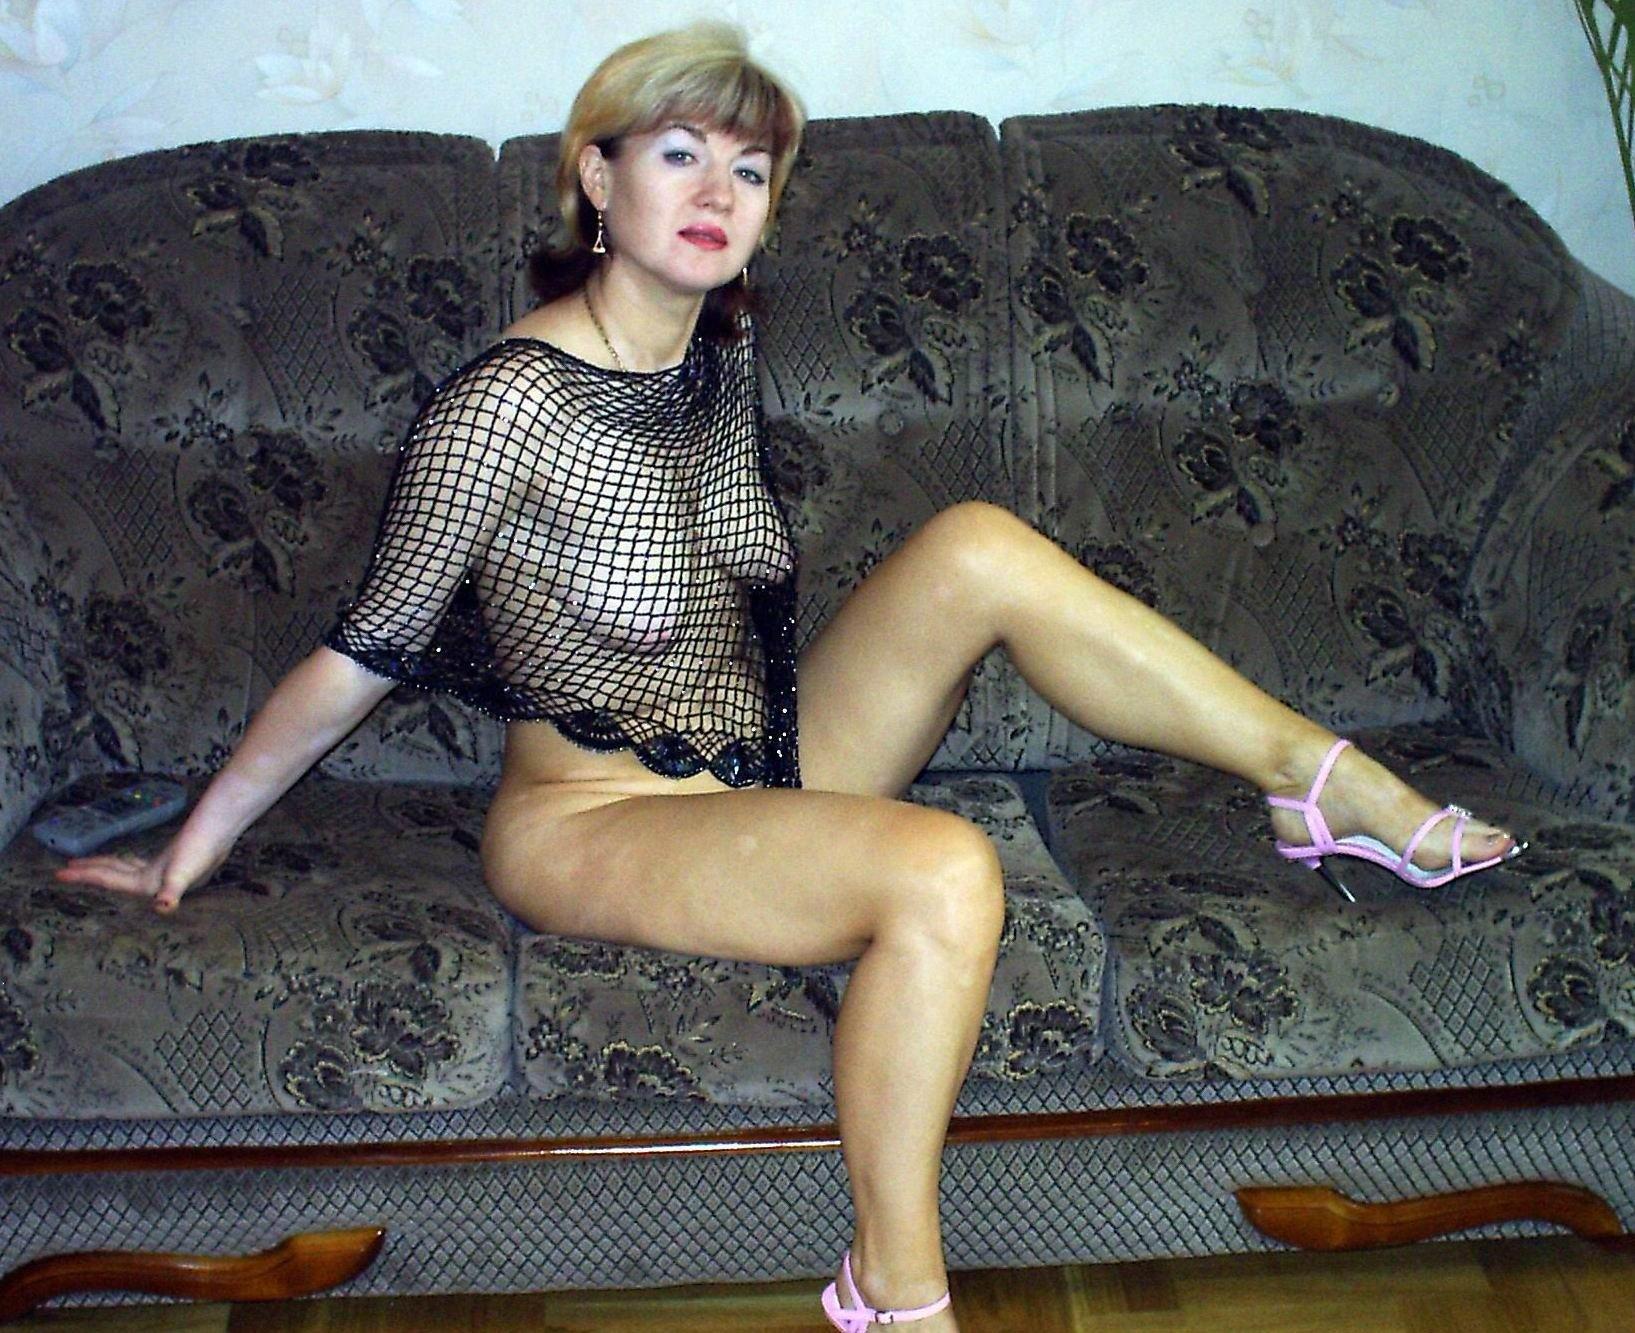 Проститутки от 40 55 лет питер, Поиск проституток по параметрам Санкт-Петербурга 4 фотография